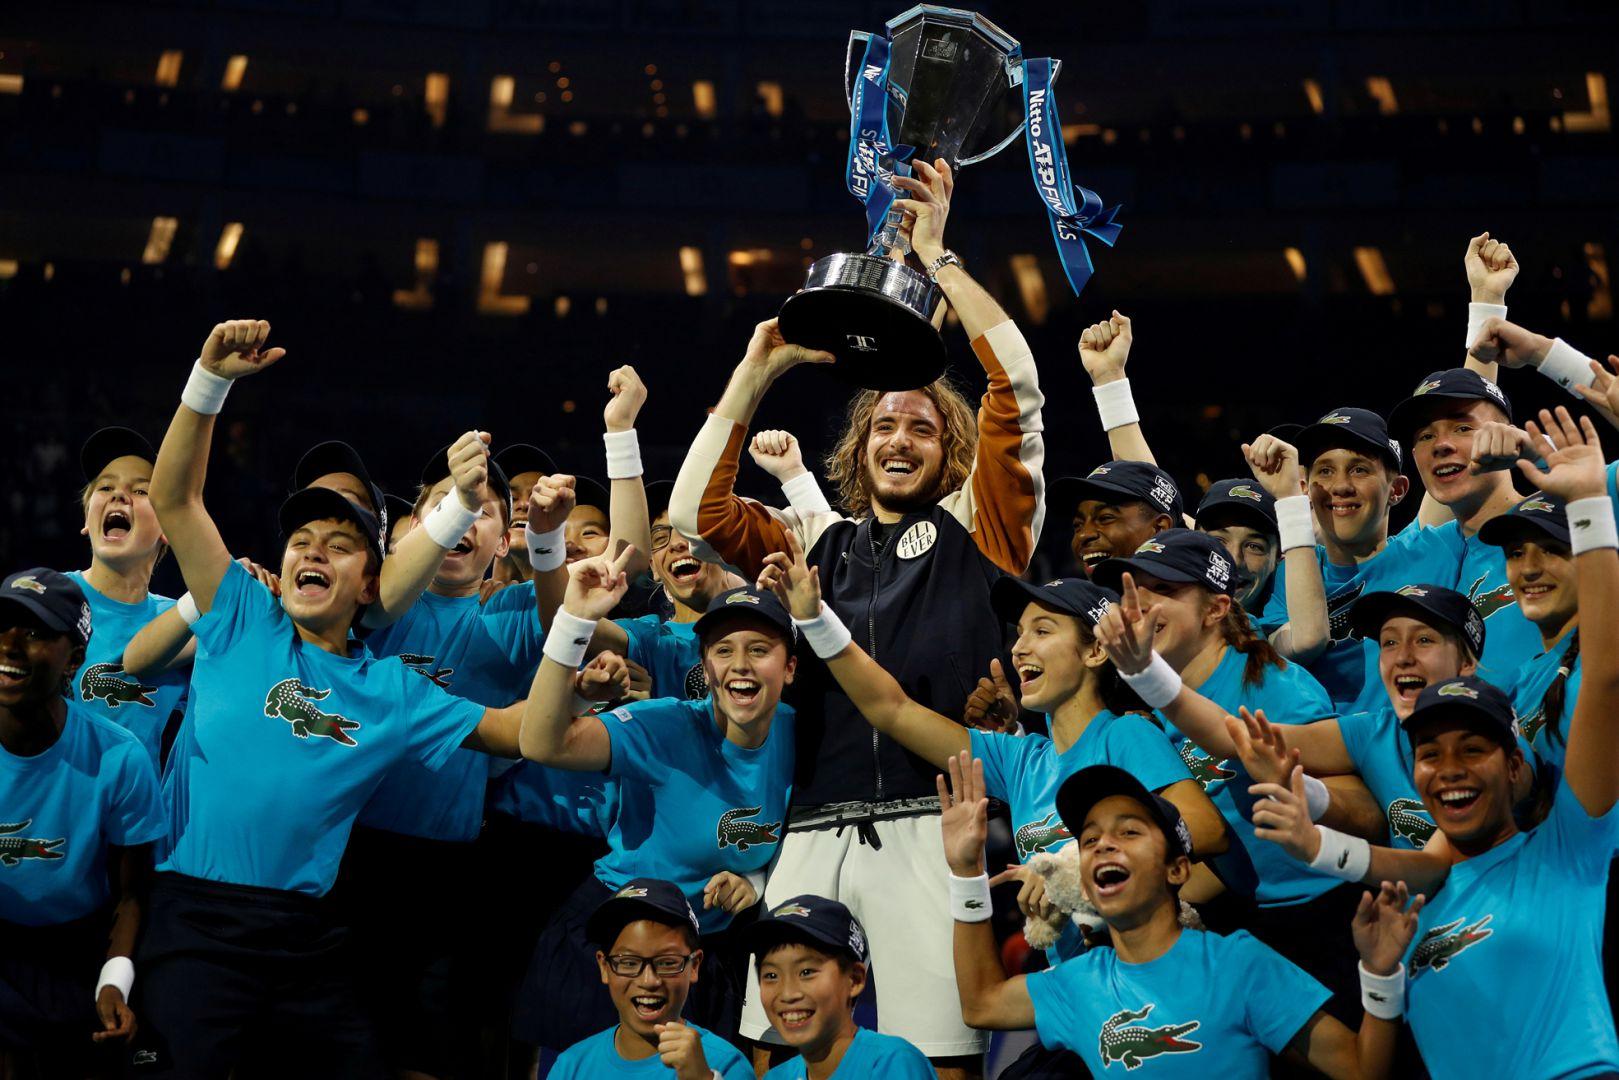 Stefanos Tsitsipas escribe su nombre en la historia grande del tenis al ganar el Master